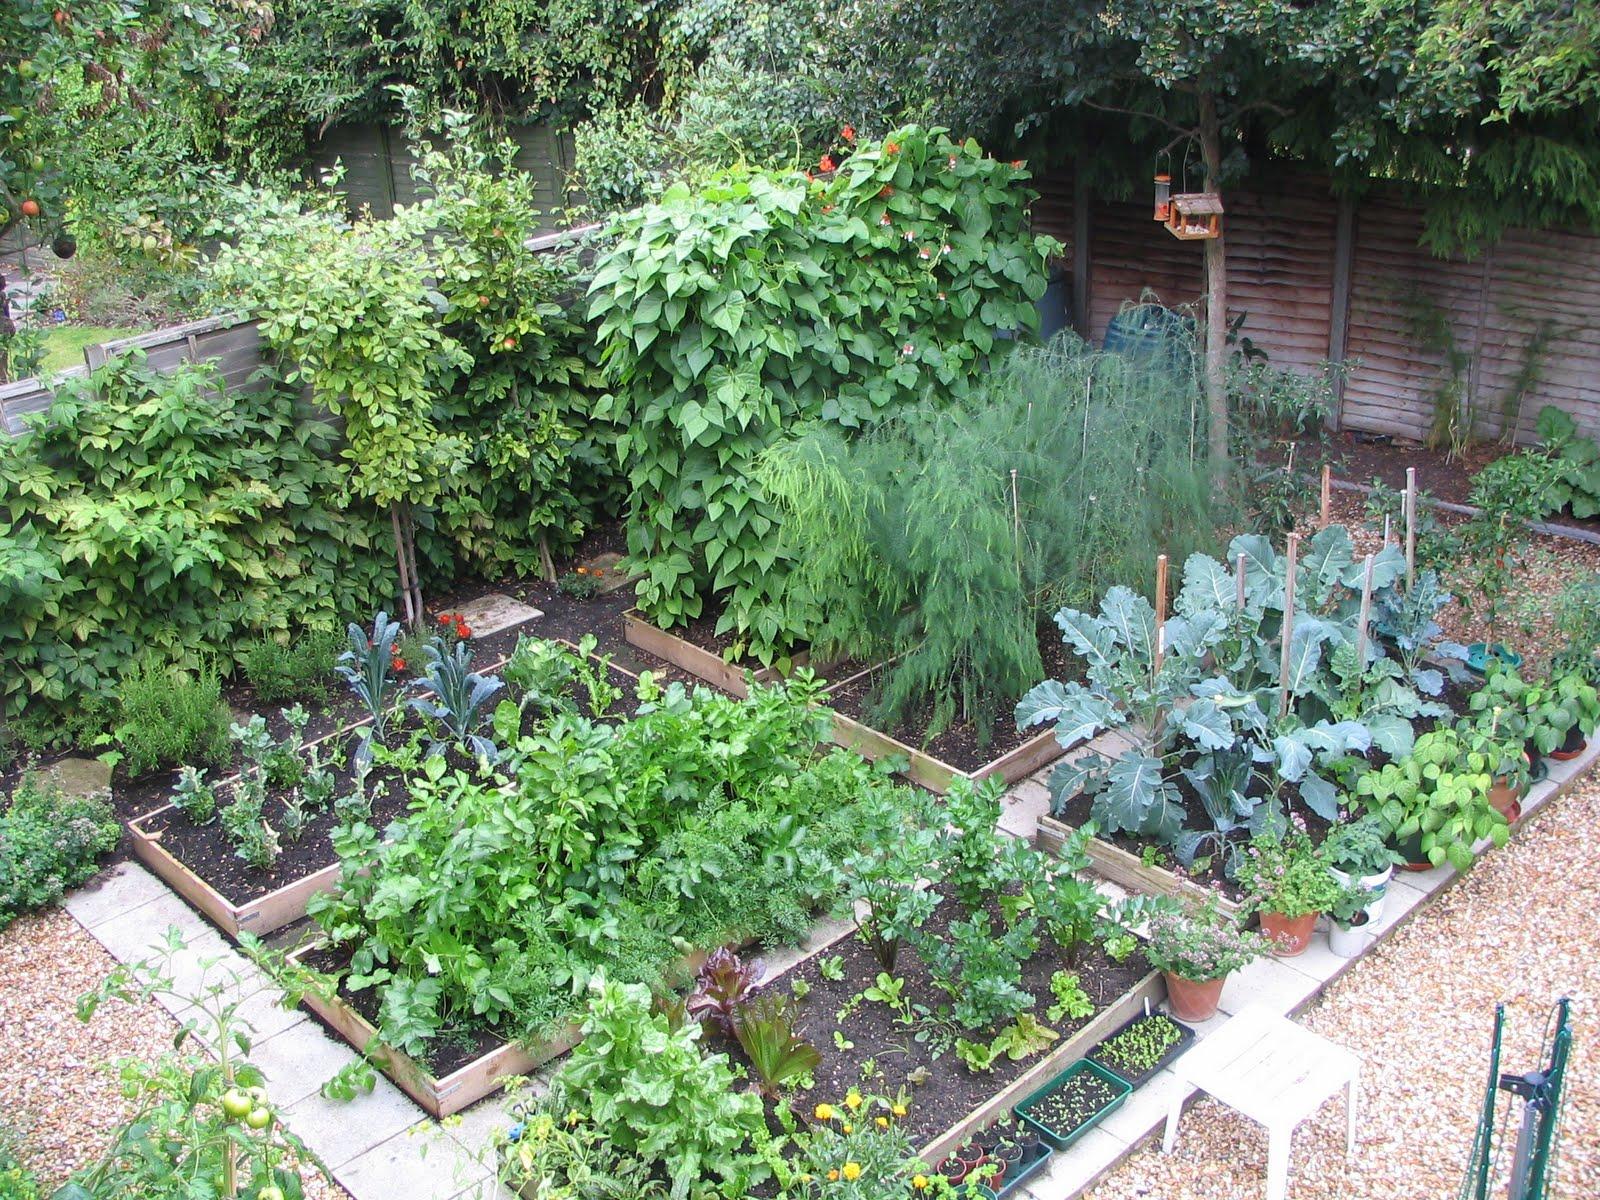 Mark 39 s veg plot my plot for Vegetable garden plot ideas